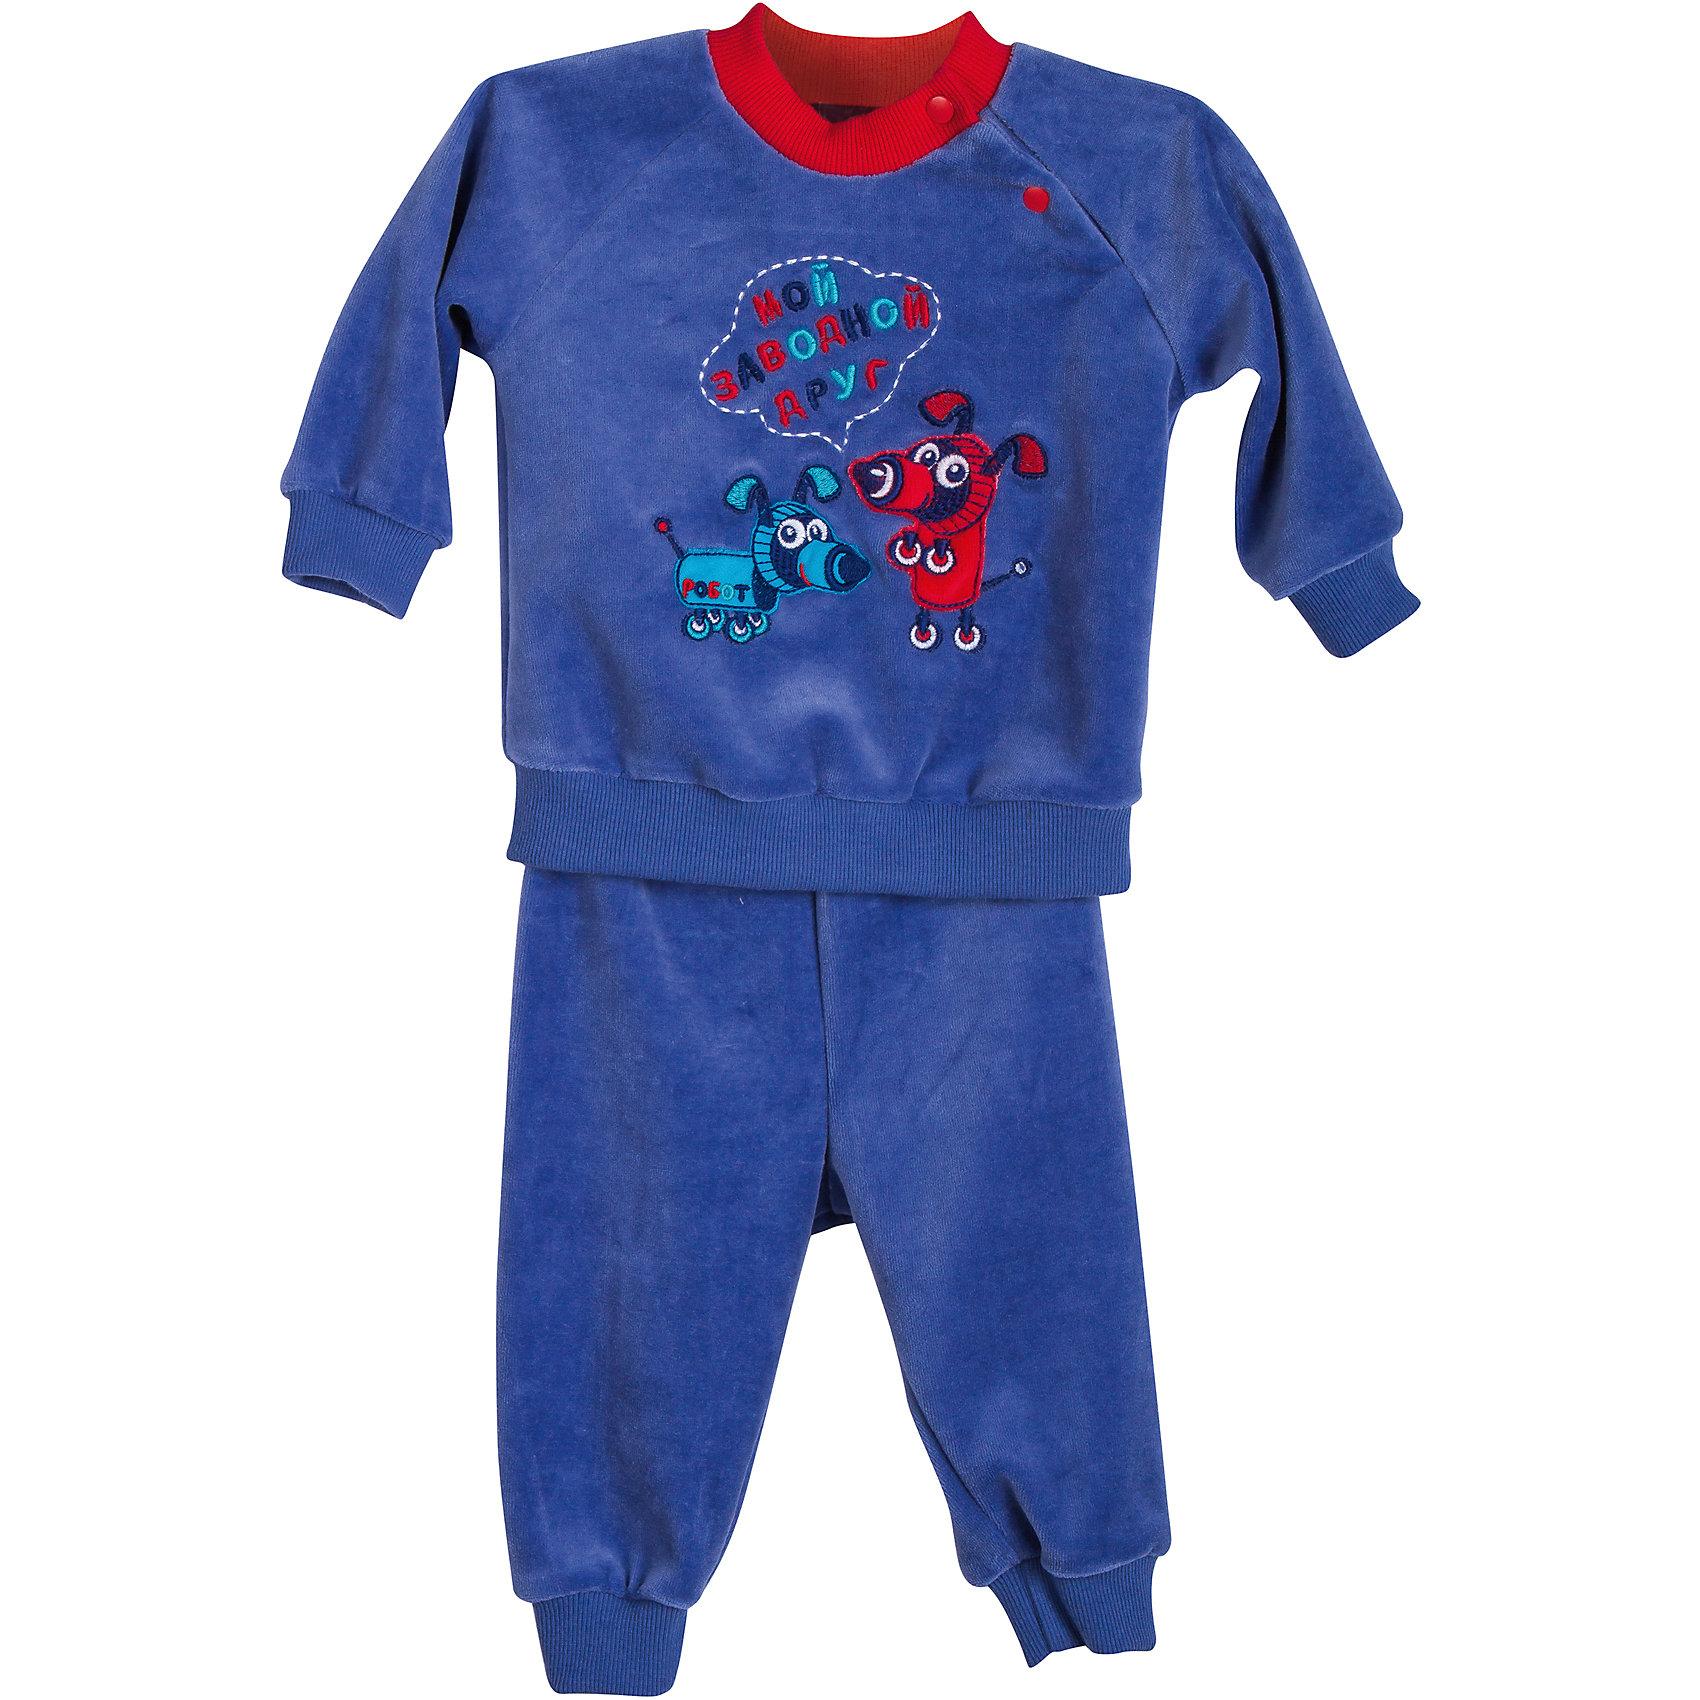 Комплект: толстовка и брюки для мальчика БимошаКомплект: толстовка и брюки для мальчика от марки Бимоша.<br>Комплект  на манжетах, застегивается на кнопки дополнен  вышивкой,брюки на широкой резинке и манжеты внизу.<br>Состав:<br>велюр 80% хлопок, 20% ПЭ.<br><br>Ширина мм: 157<br>Глубина мм: 13<br>Высота мм: 119<br>Вес г: 200<br>Цвет: синий<br>Возраст от месяцев: 1<br>Возраст до месяцев: 3<br>Пол: Мужской<br>Возраст: Детский<br>Размер: 62,74,86,80,68<br>SKU: 4579434